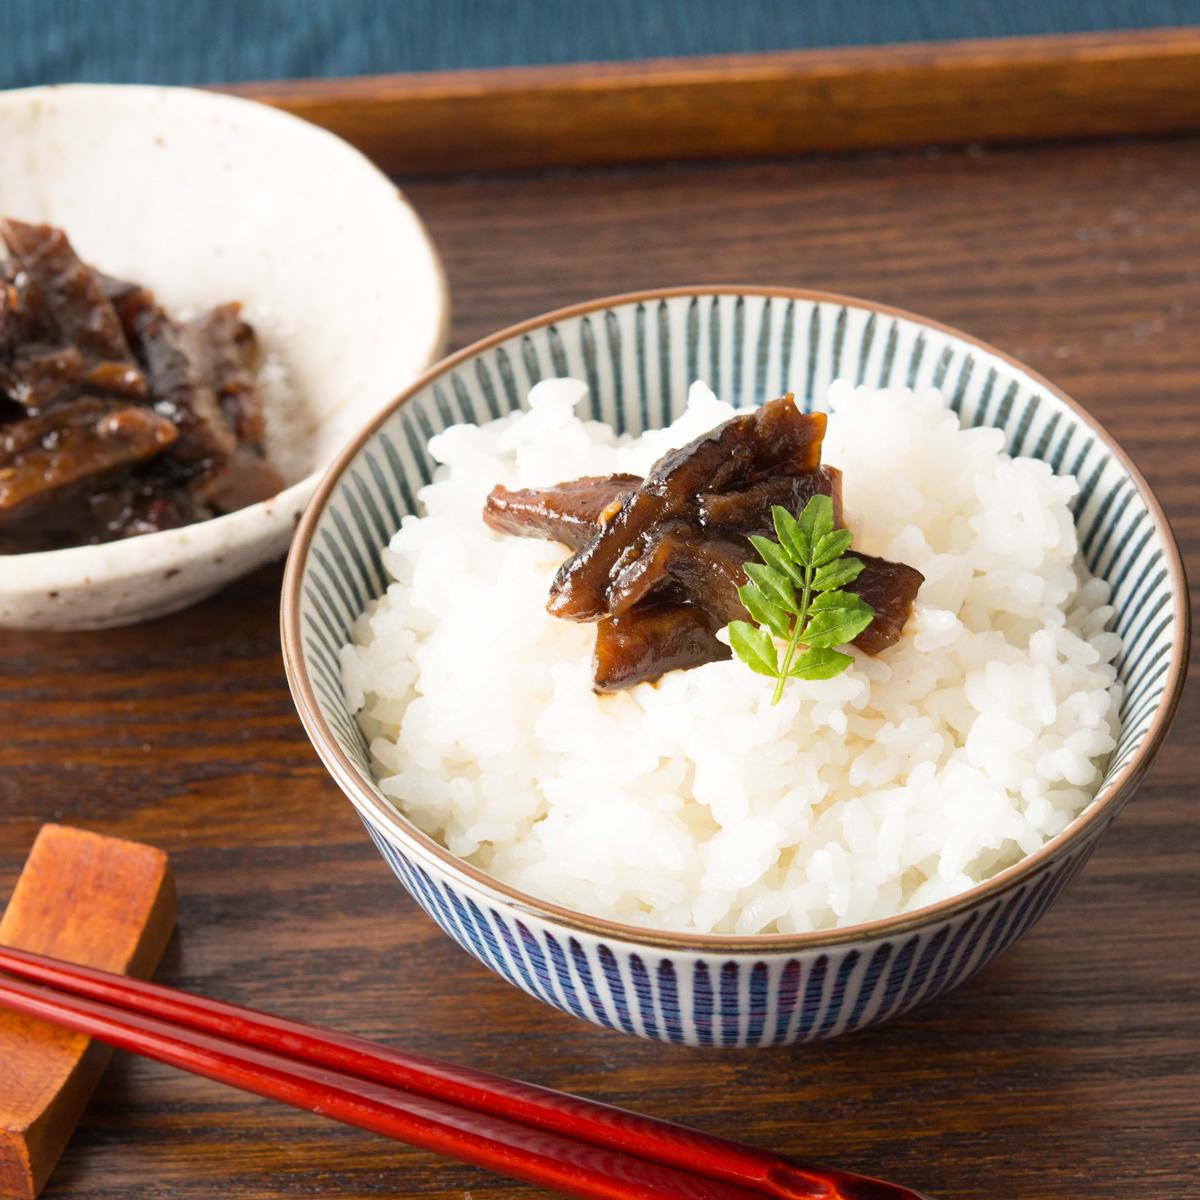 天照 モーツァルトの曲を聴いて育った和歌山県産のしいたけ使用 ゆずと椎茸の佃煮プレミア〔150g〕